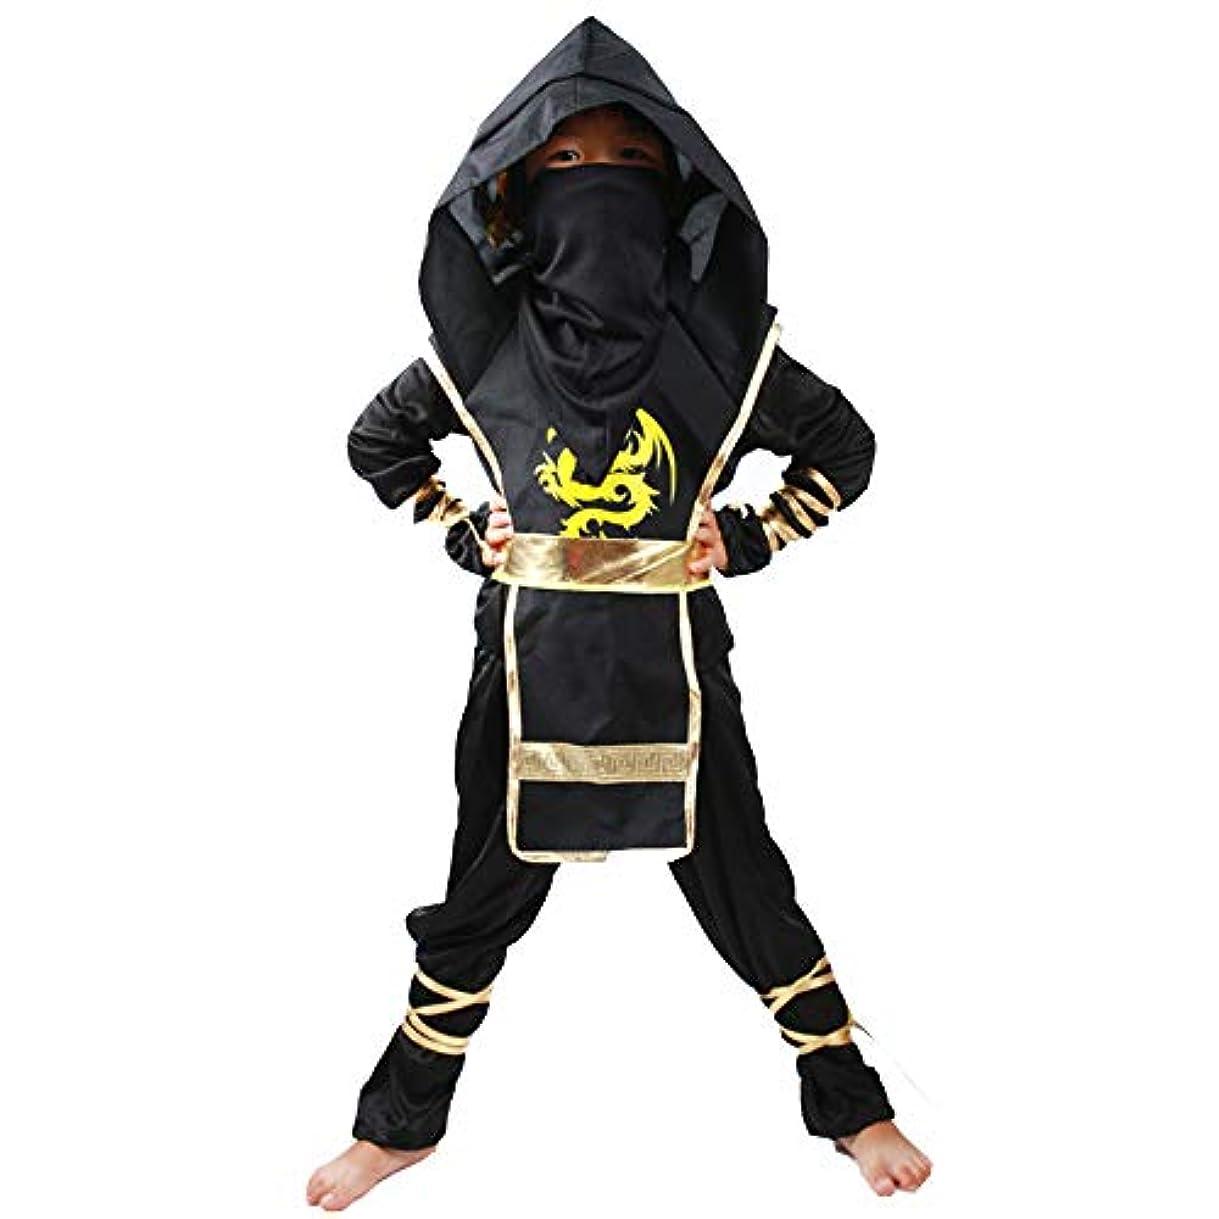 反射情熱繊細男爵忍者ドラゴンカンフーコスチューム子供忍者戦士のコスチューム(黒、S)